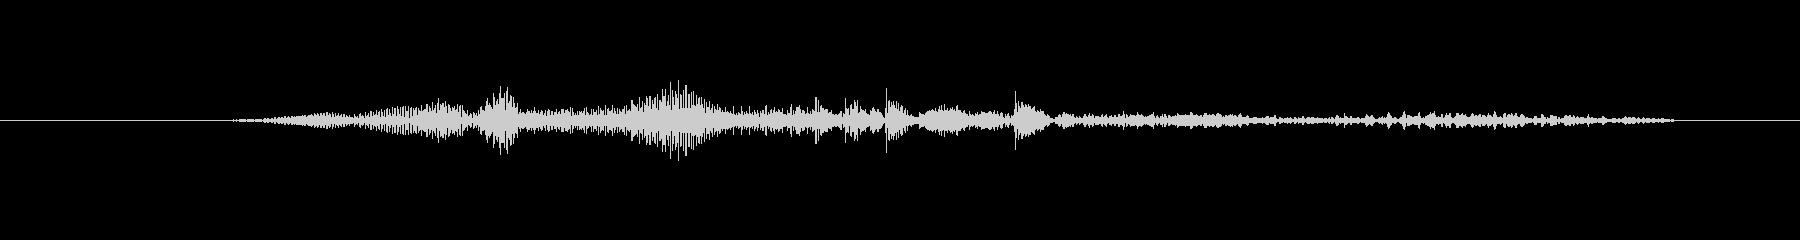 鳴き声 男性の叫びヒット02の未再生の波形